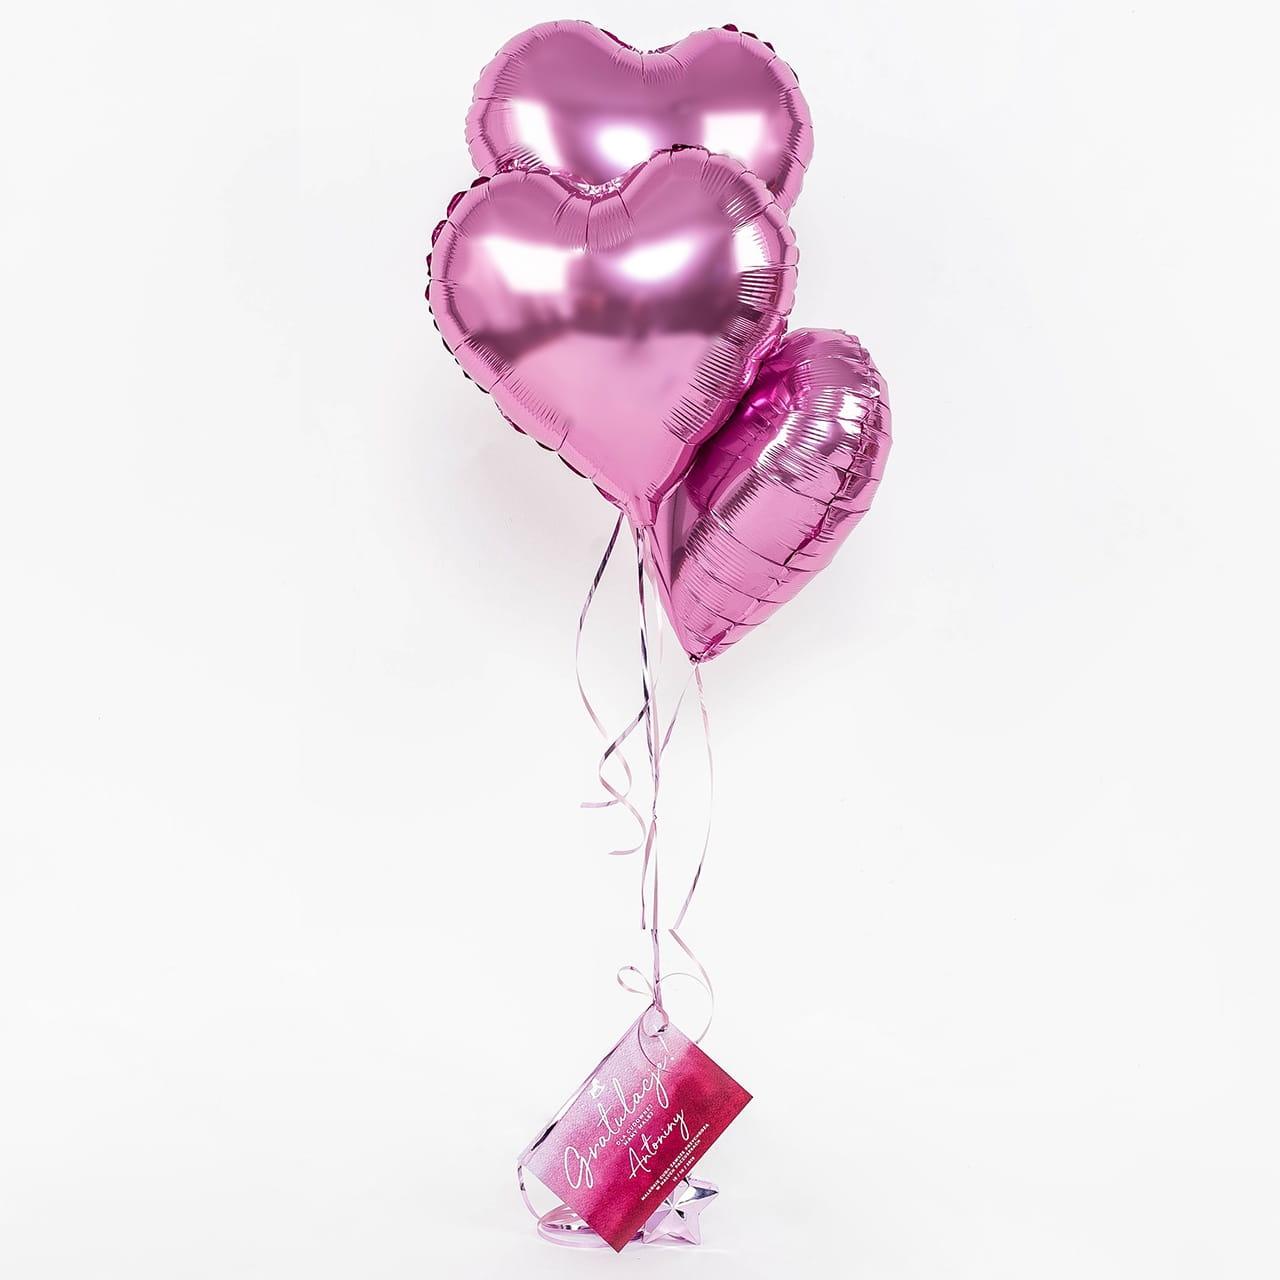 Zestaw balony + kartka na prezent dla mamy na urodzenie dziecka